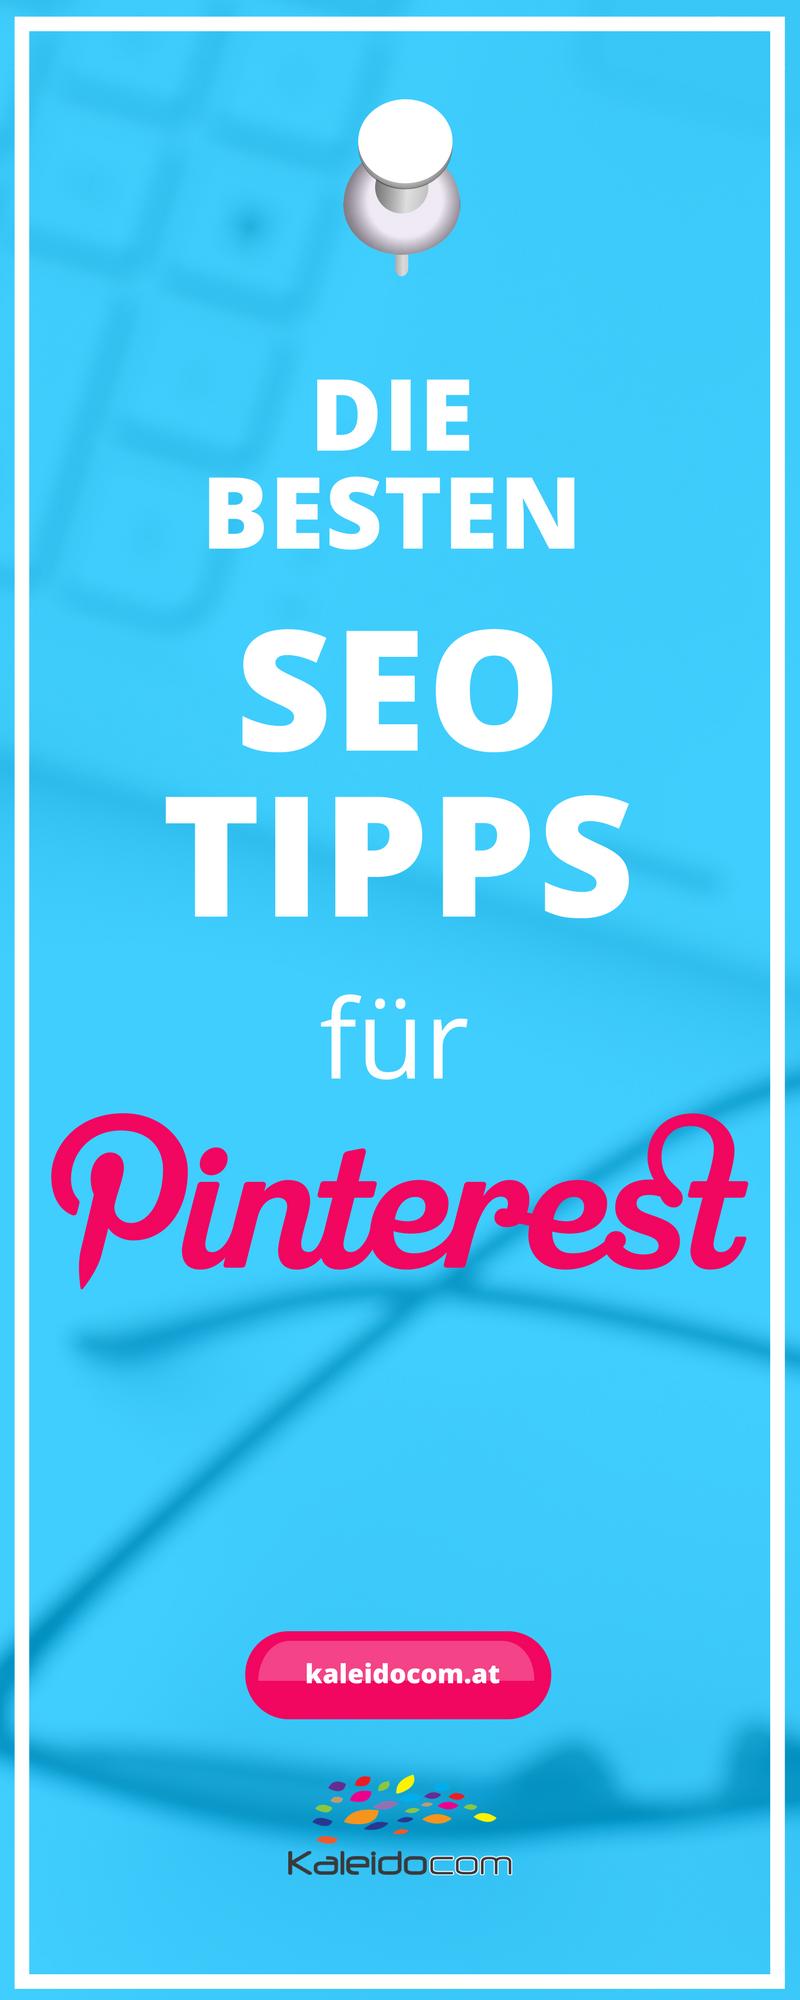 Die besten SEO Tipps für Pinterest - so optimierst Du Deine Inhalte richtig.